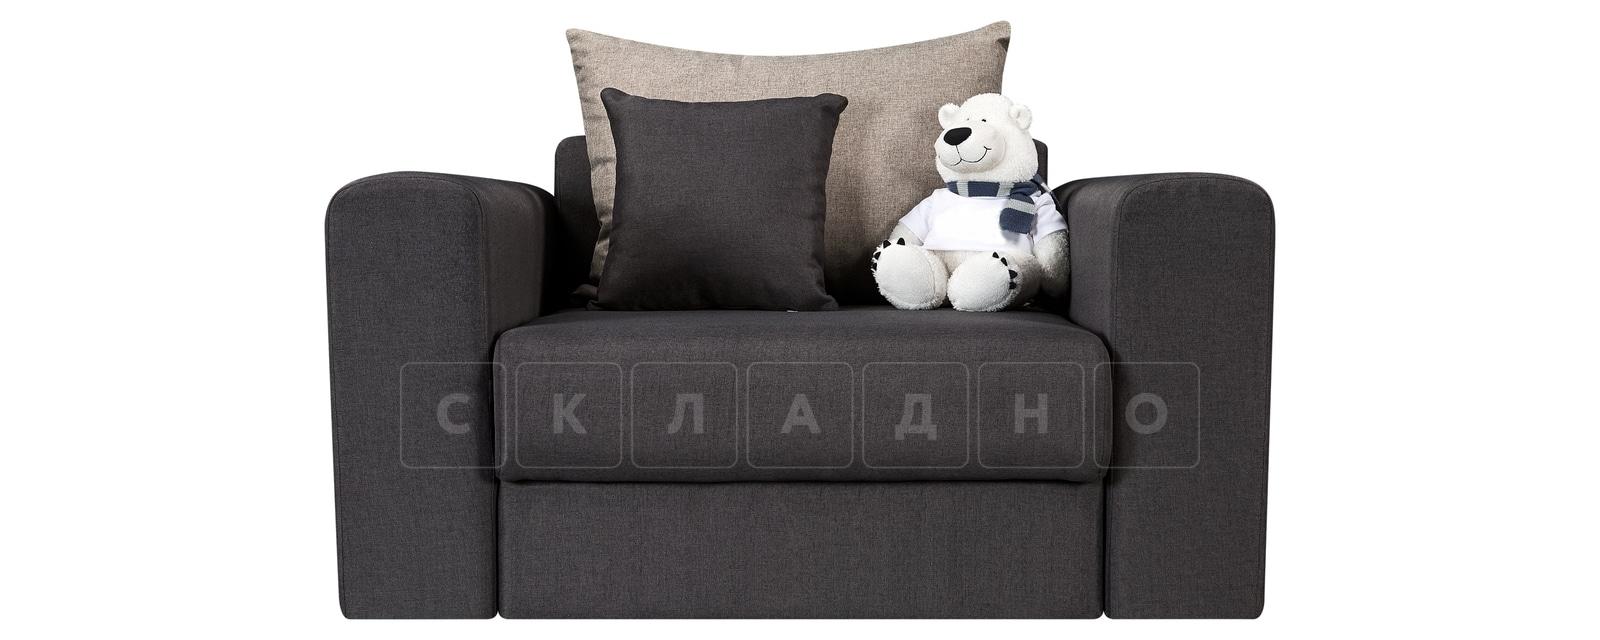 Кресло Медисон 80см темно-серого цвета фото 2 | интернет-магазин Складно